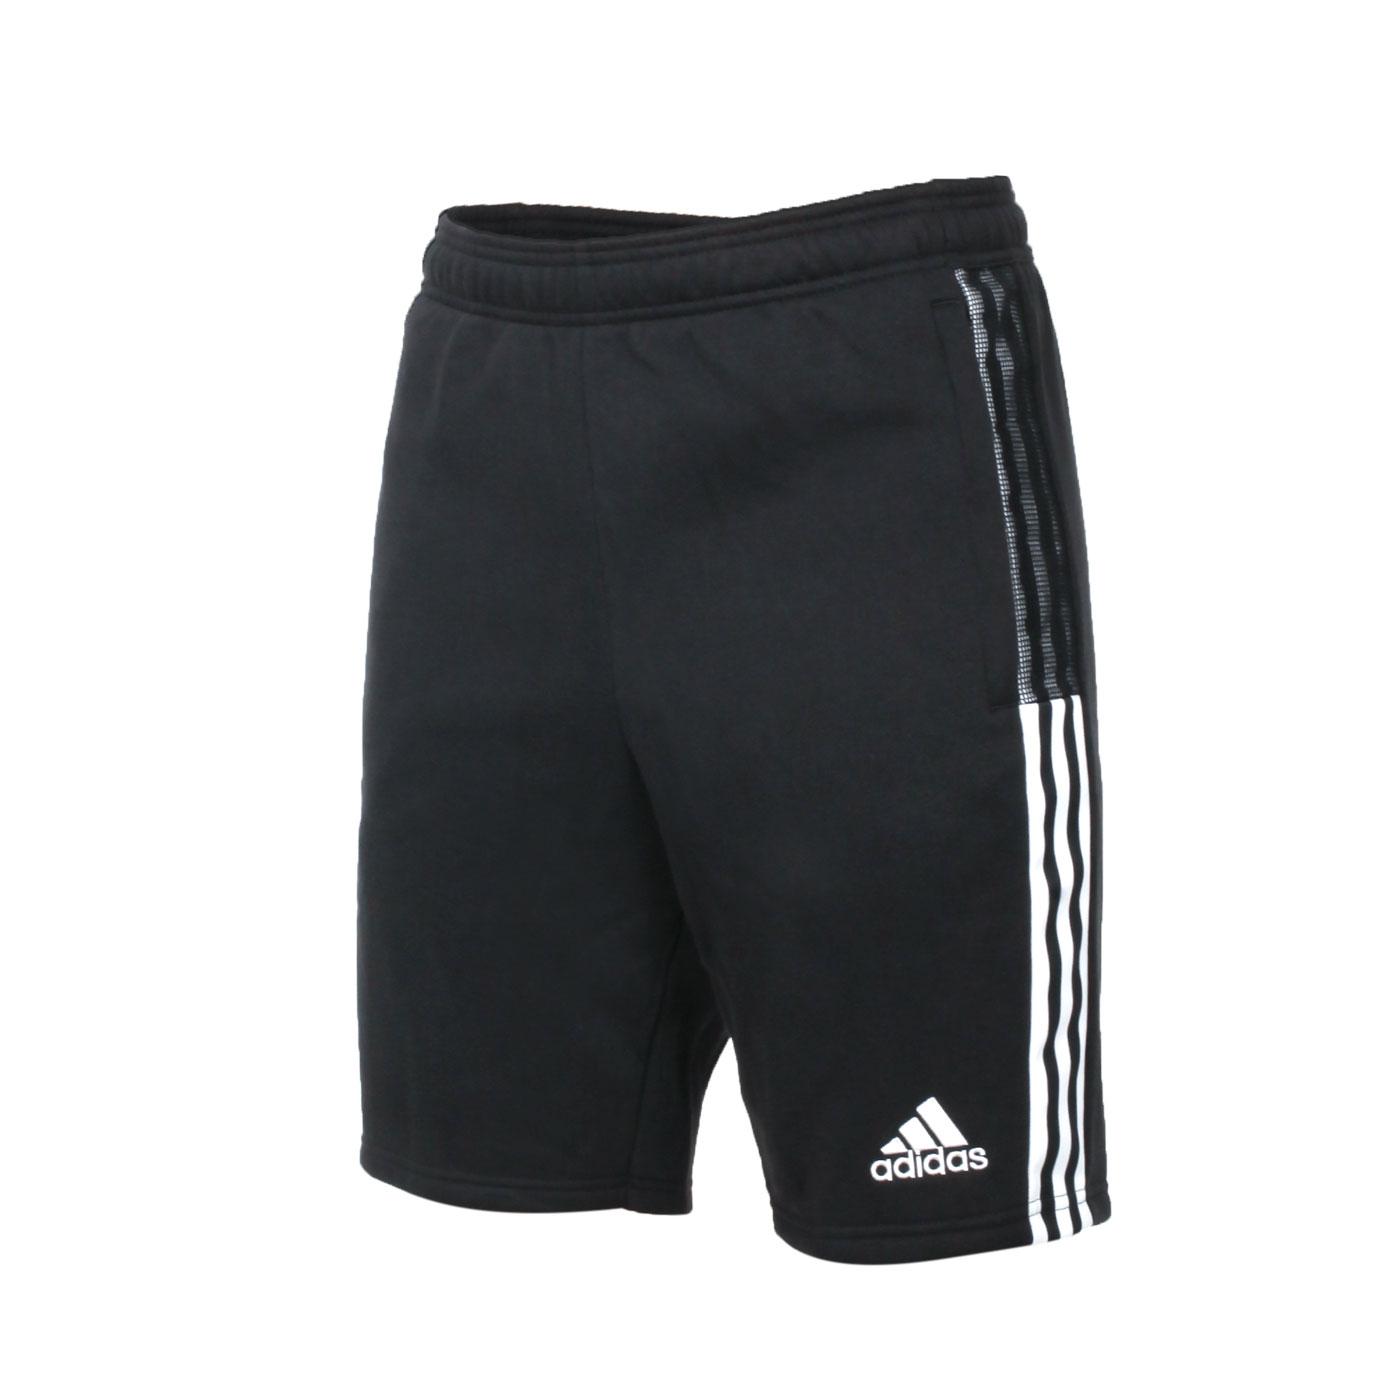 ADIDAS 男款運動短褲 GM7345 - 黑白